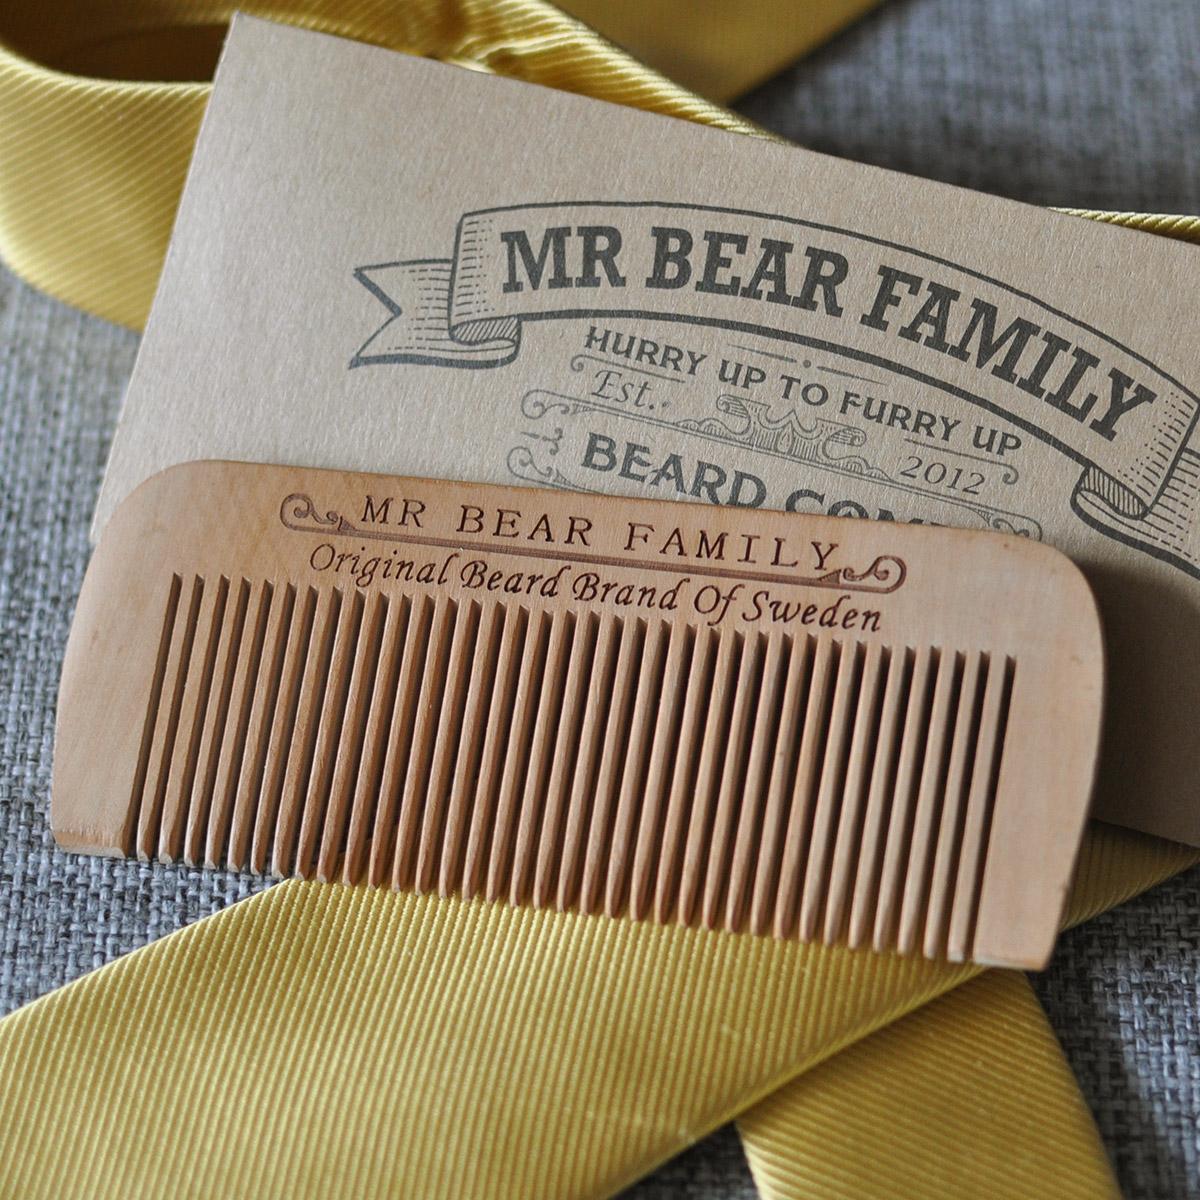 Beard comb from Mr Bear Family